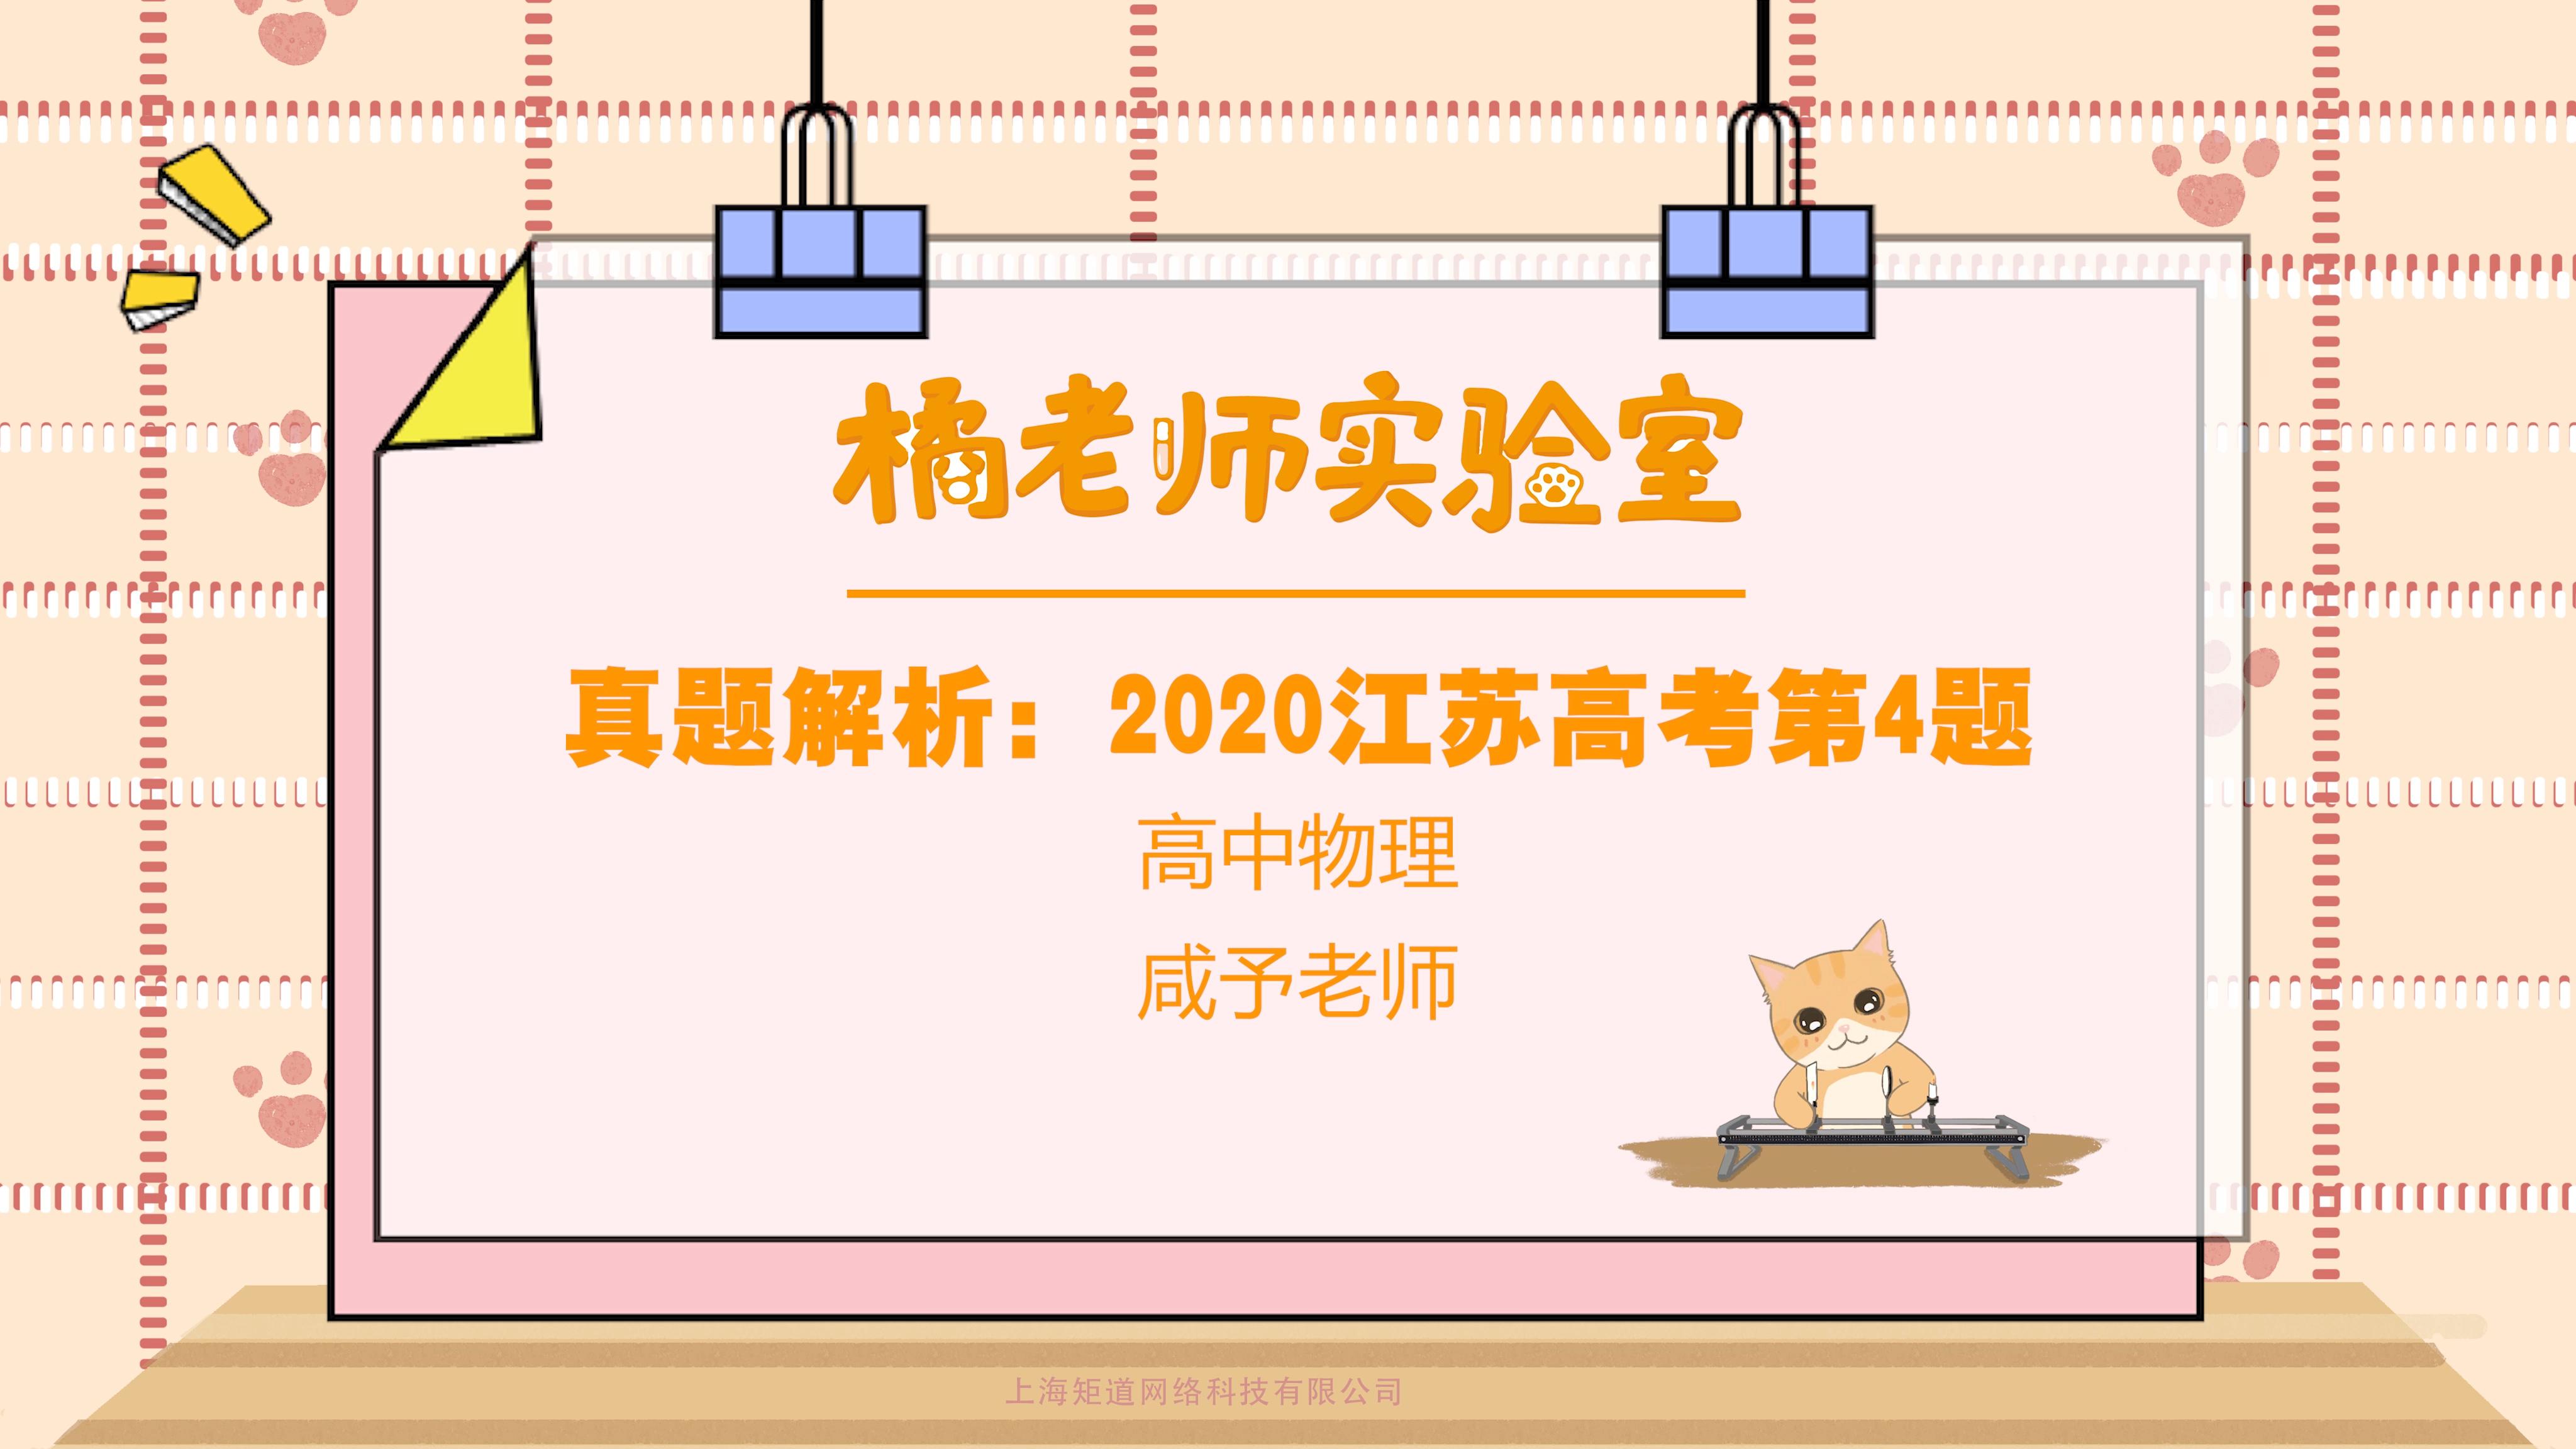 第一百七十九期:《【真题解析】2020江苏高考第4题》